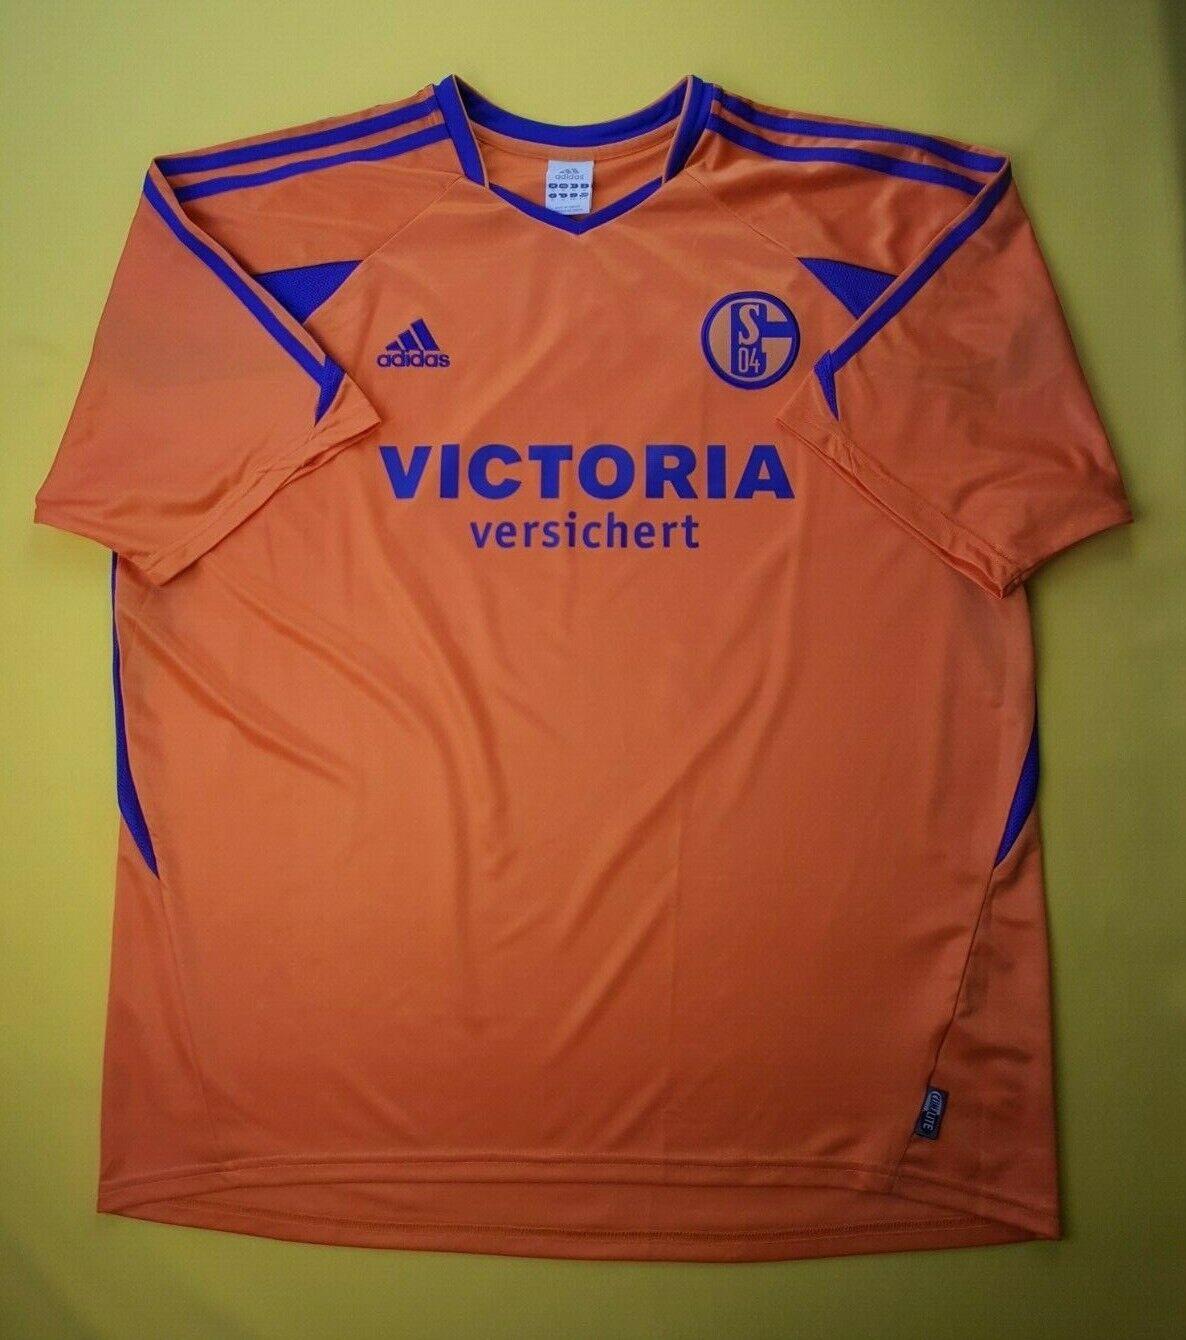 5f5464db0 5 5 FC Schalke 04 jersey XL 2003 2004 away shirt soccer football Adidas ig93